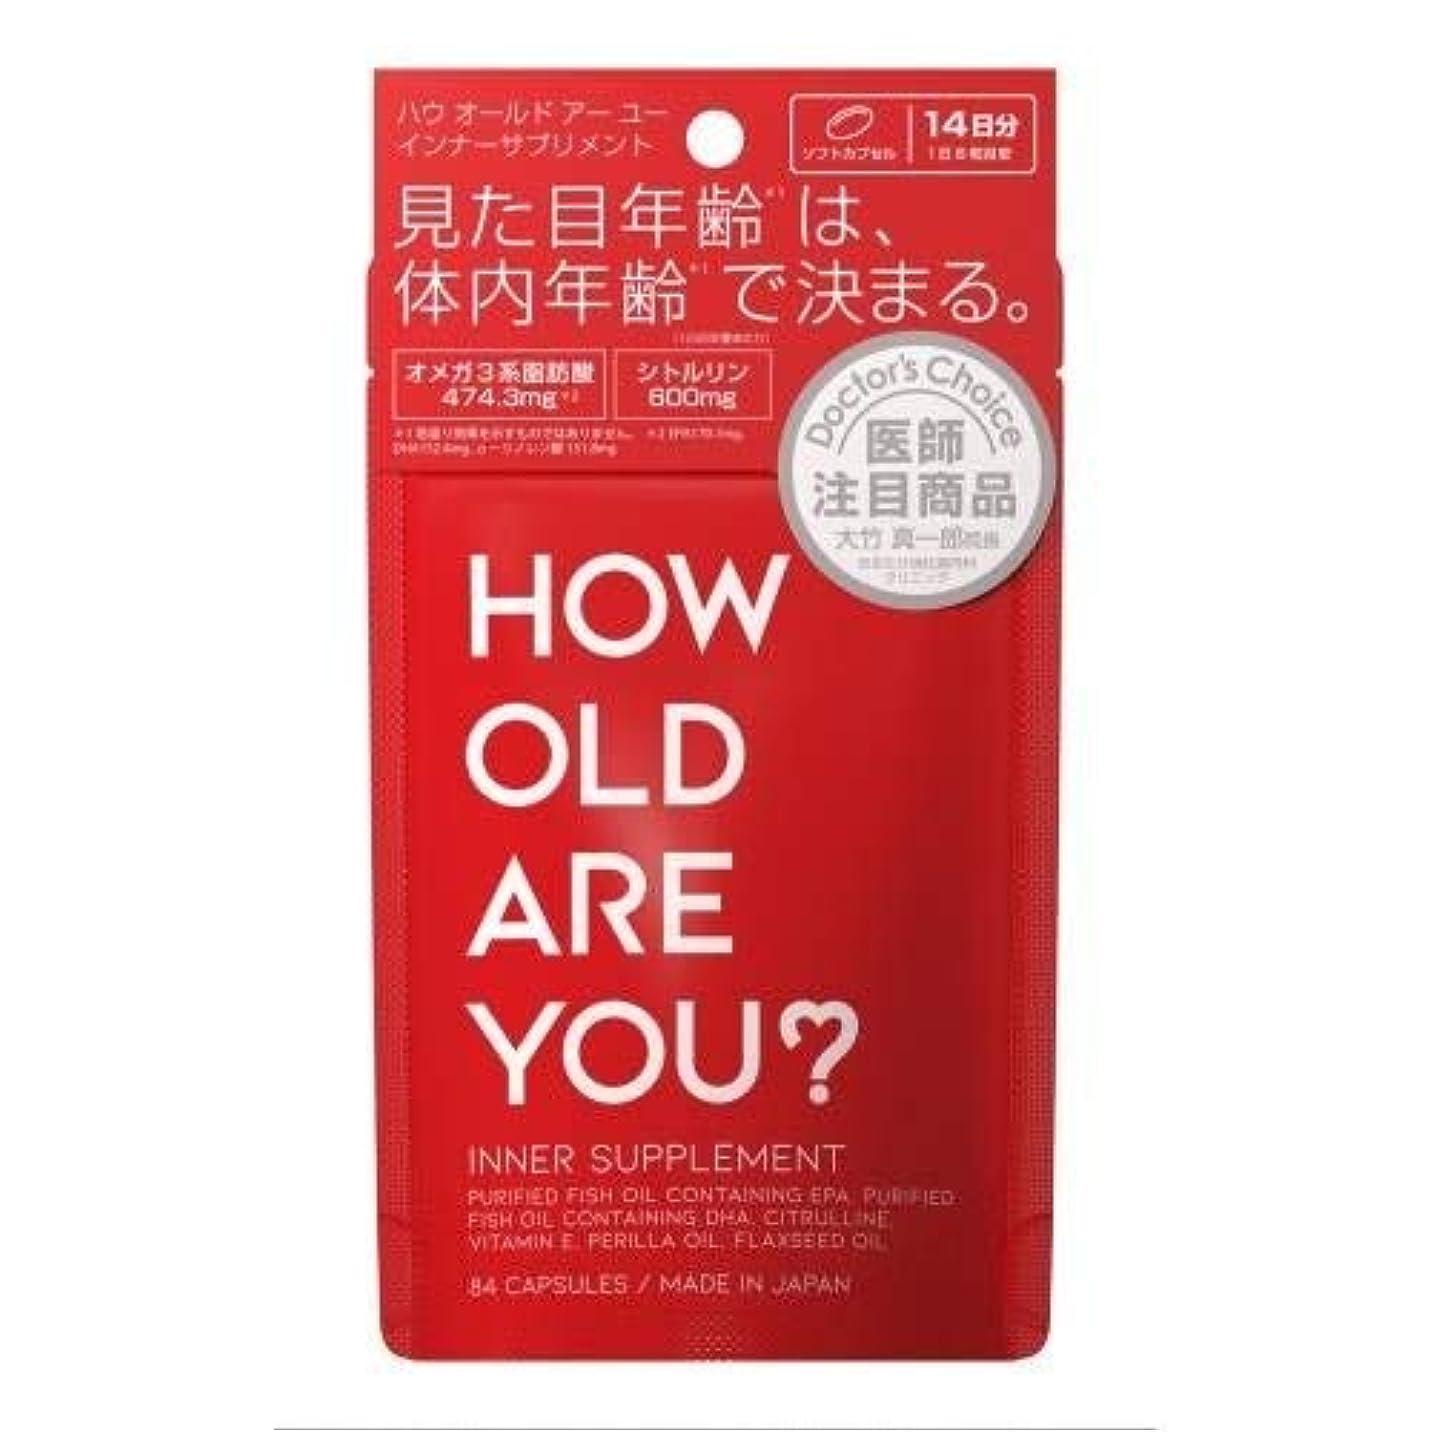 影響する事業内容動機【4個セット】HOW OLD ARE YOU?インナーサプリメント 84粒